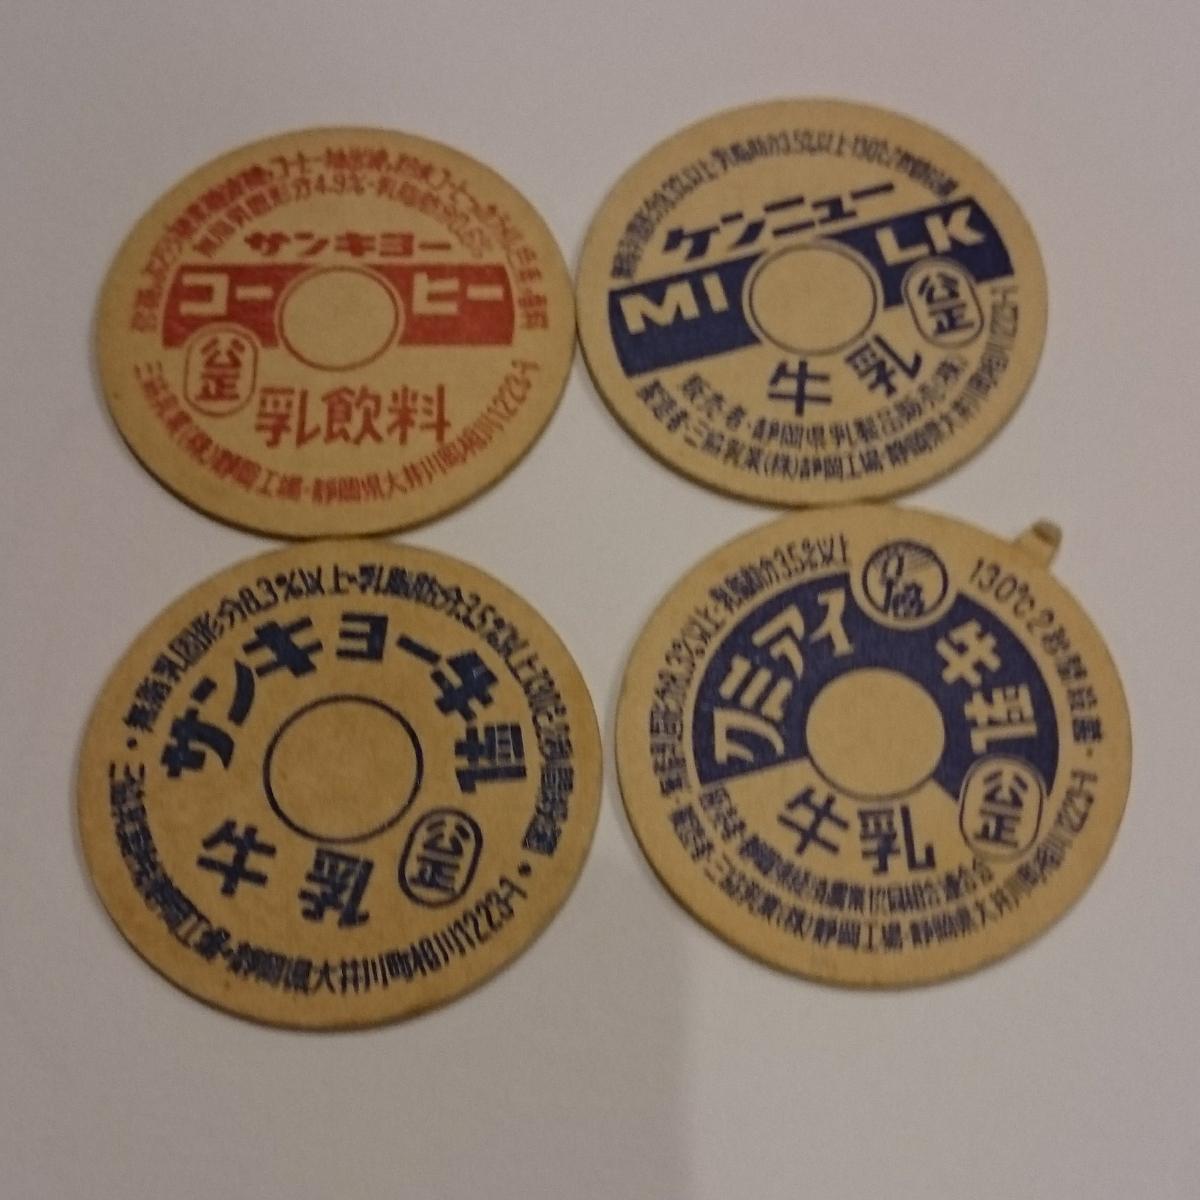 牛乳キャップ 三協乳業